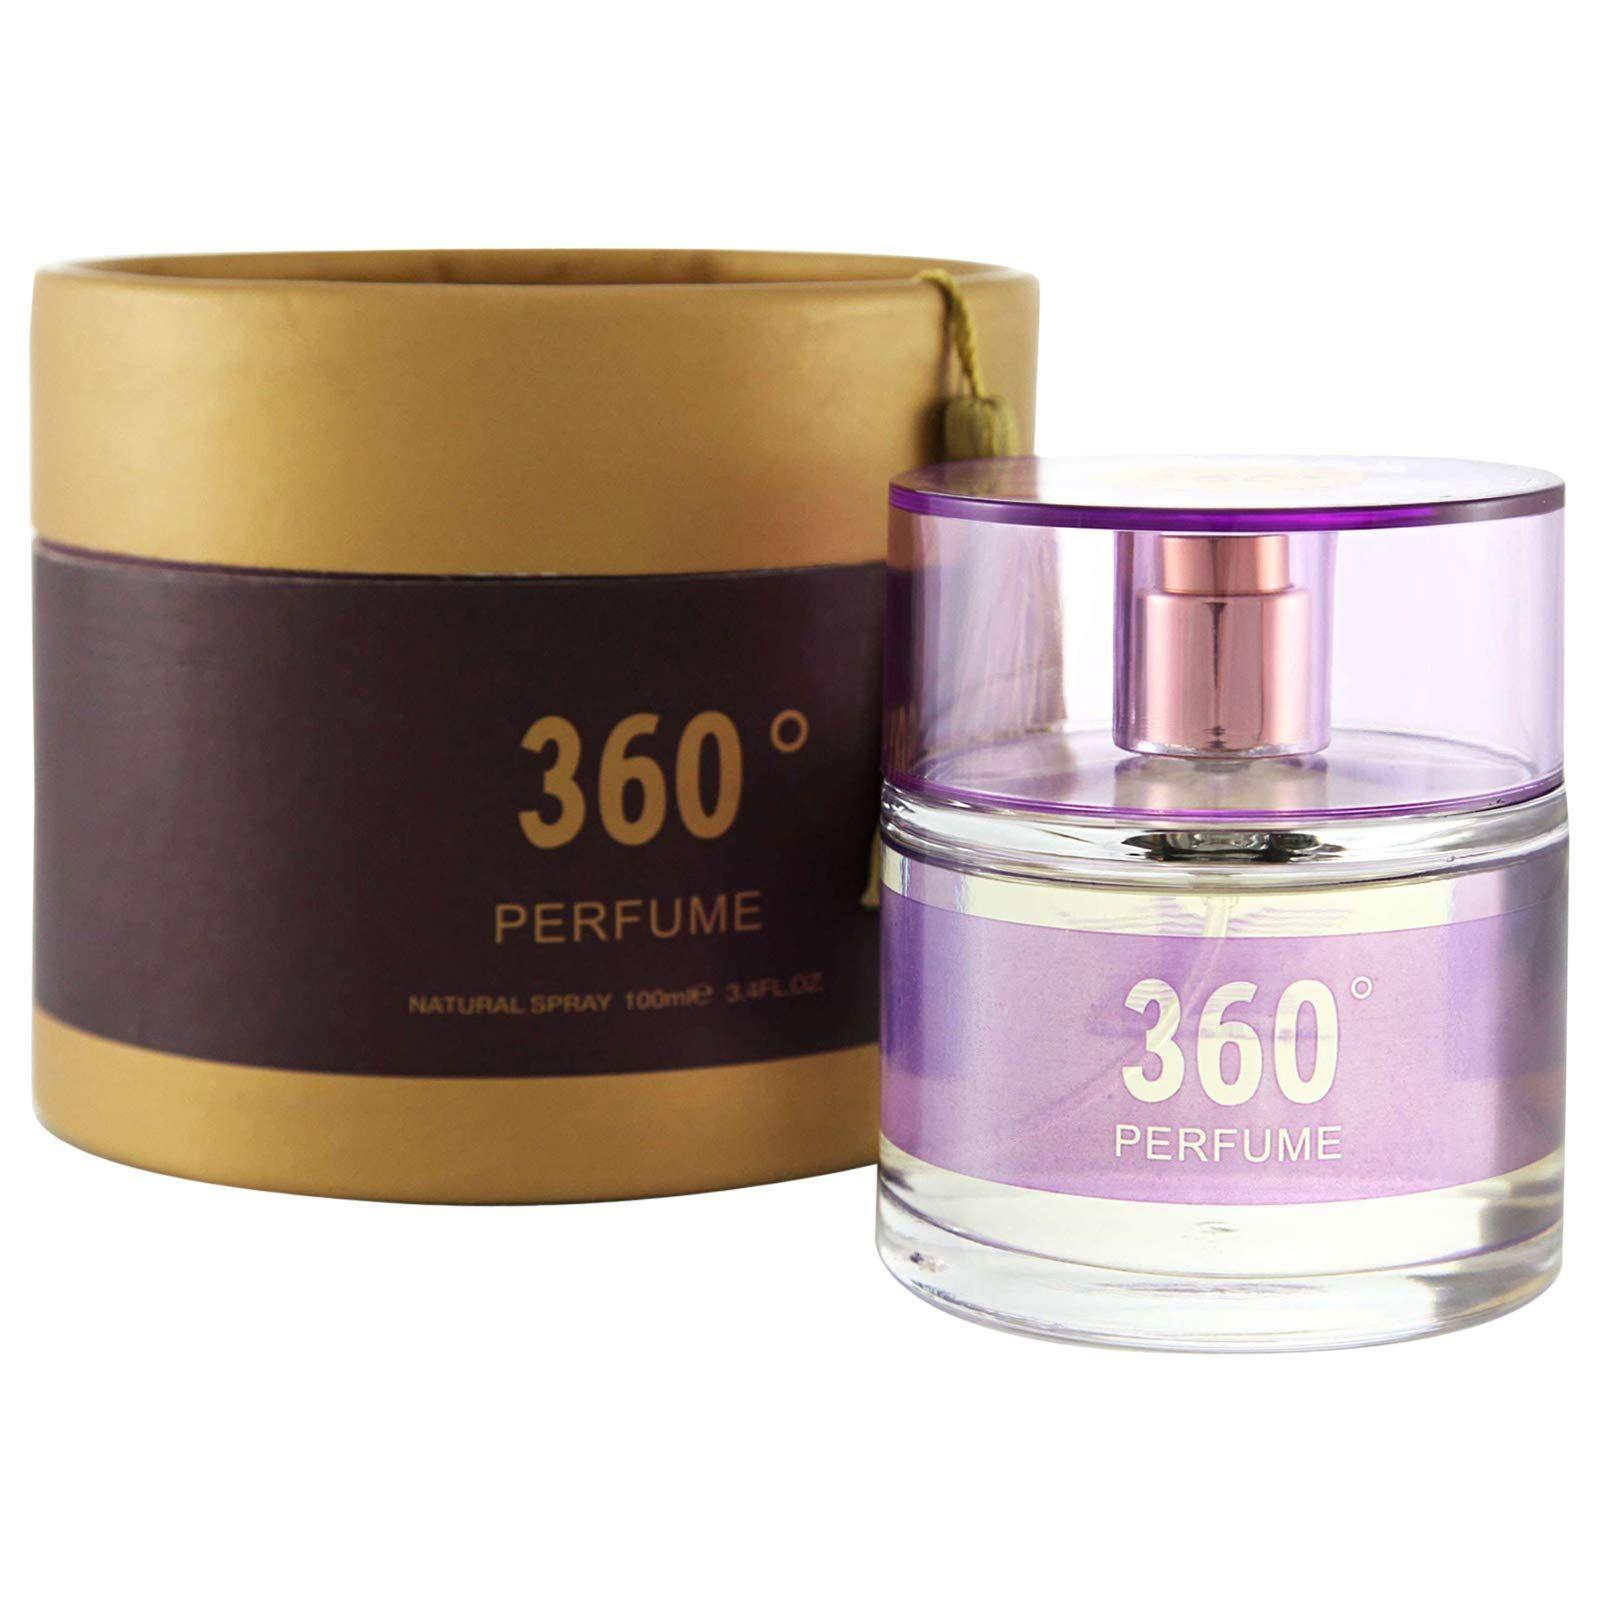 العربية للعود عطر 360 للنساء 100 مل تشحن بواسطة امازون امارات In 2020 Perfume Perfume Bottles Bottle